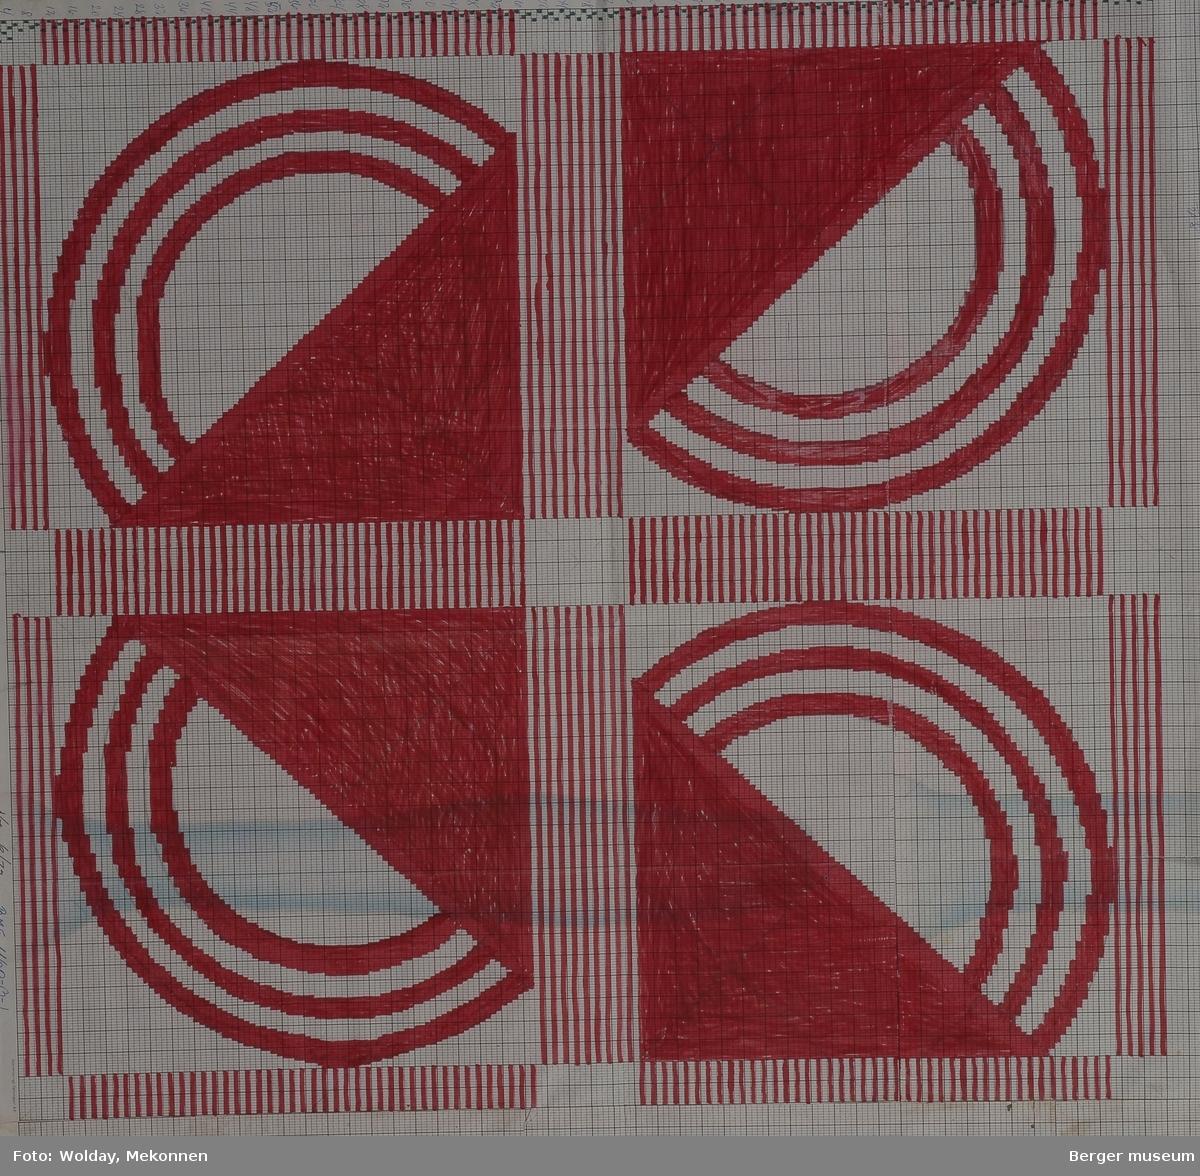 Halvsirkler, trekanter, ruter